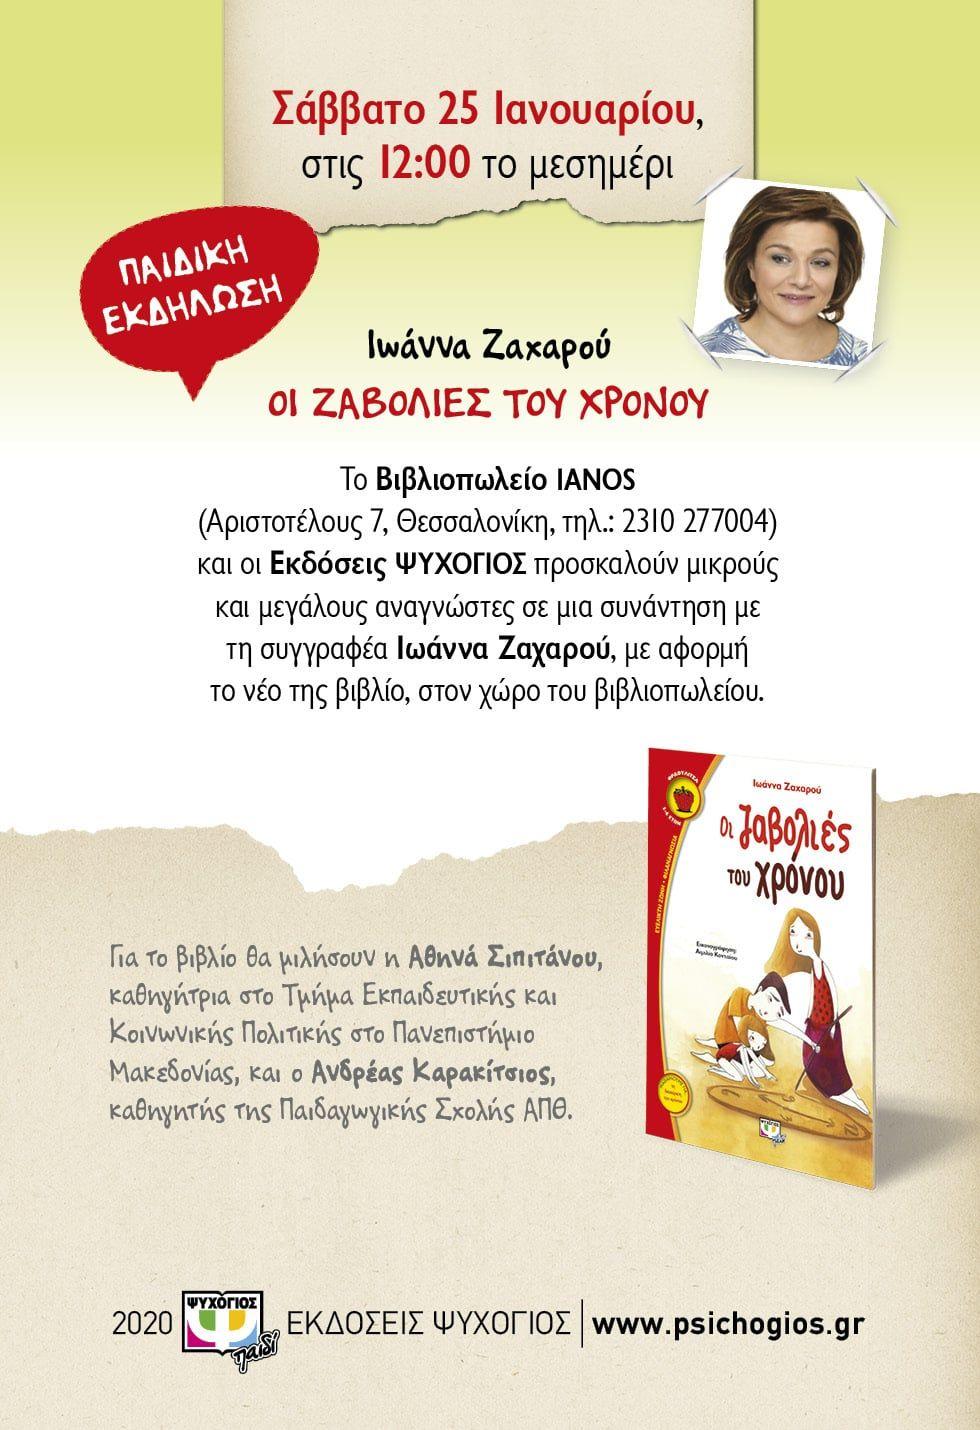 Η Ιωάννα Ζαχαρού στη Θεσσαλονίκη